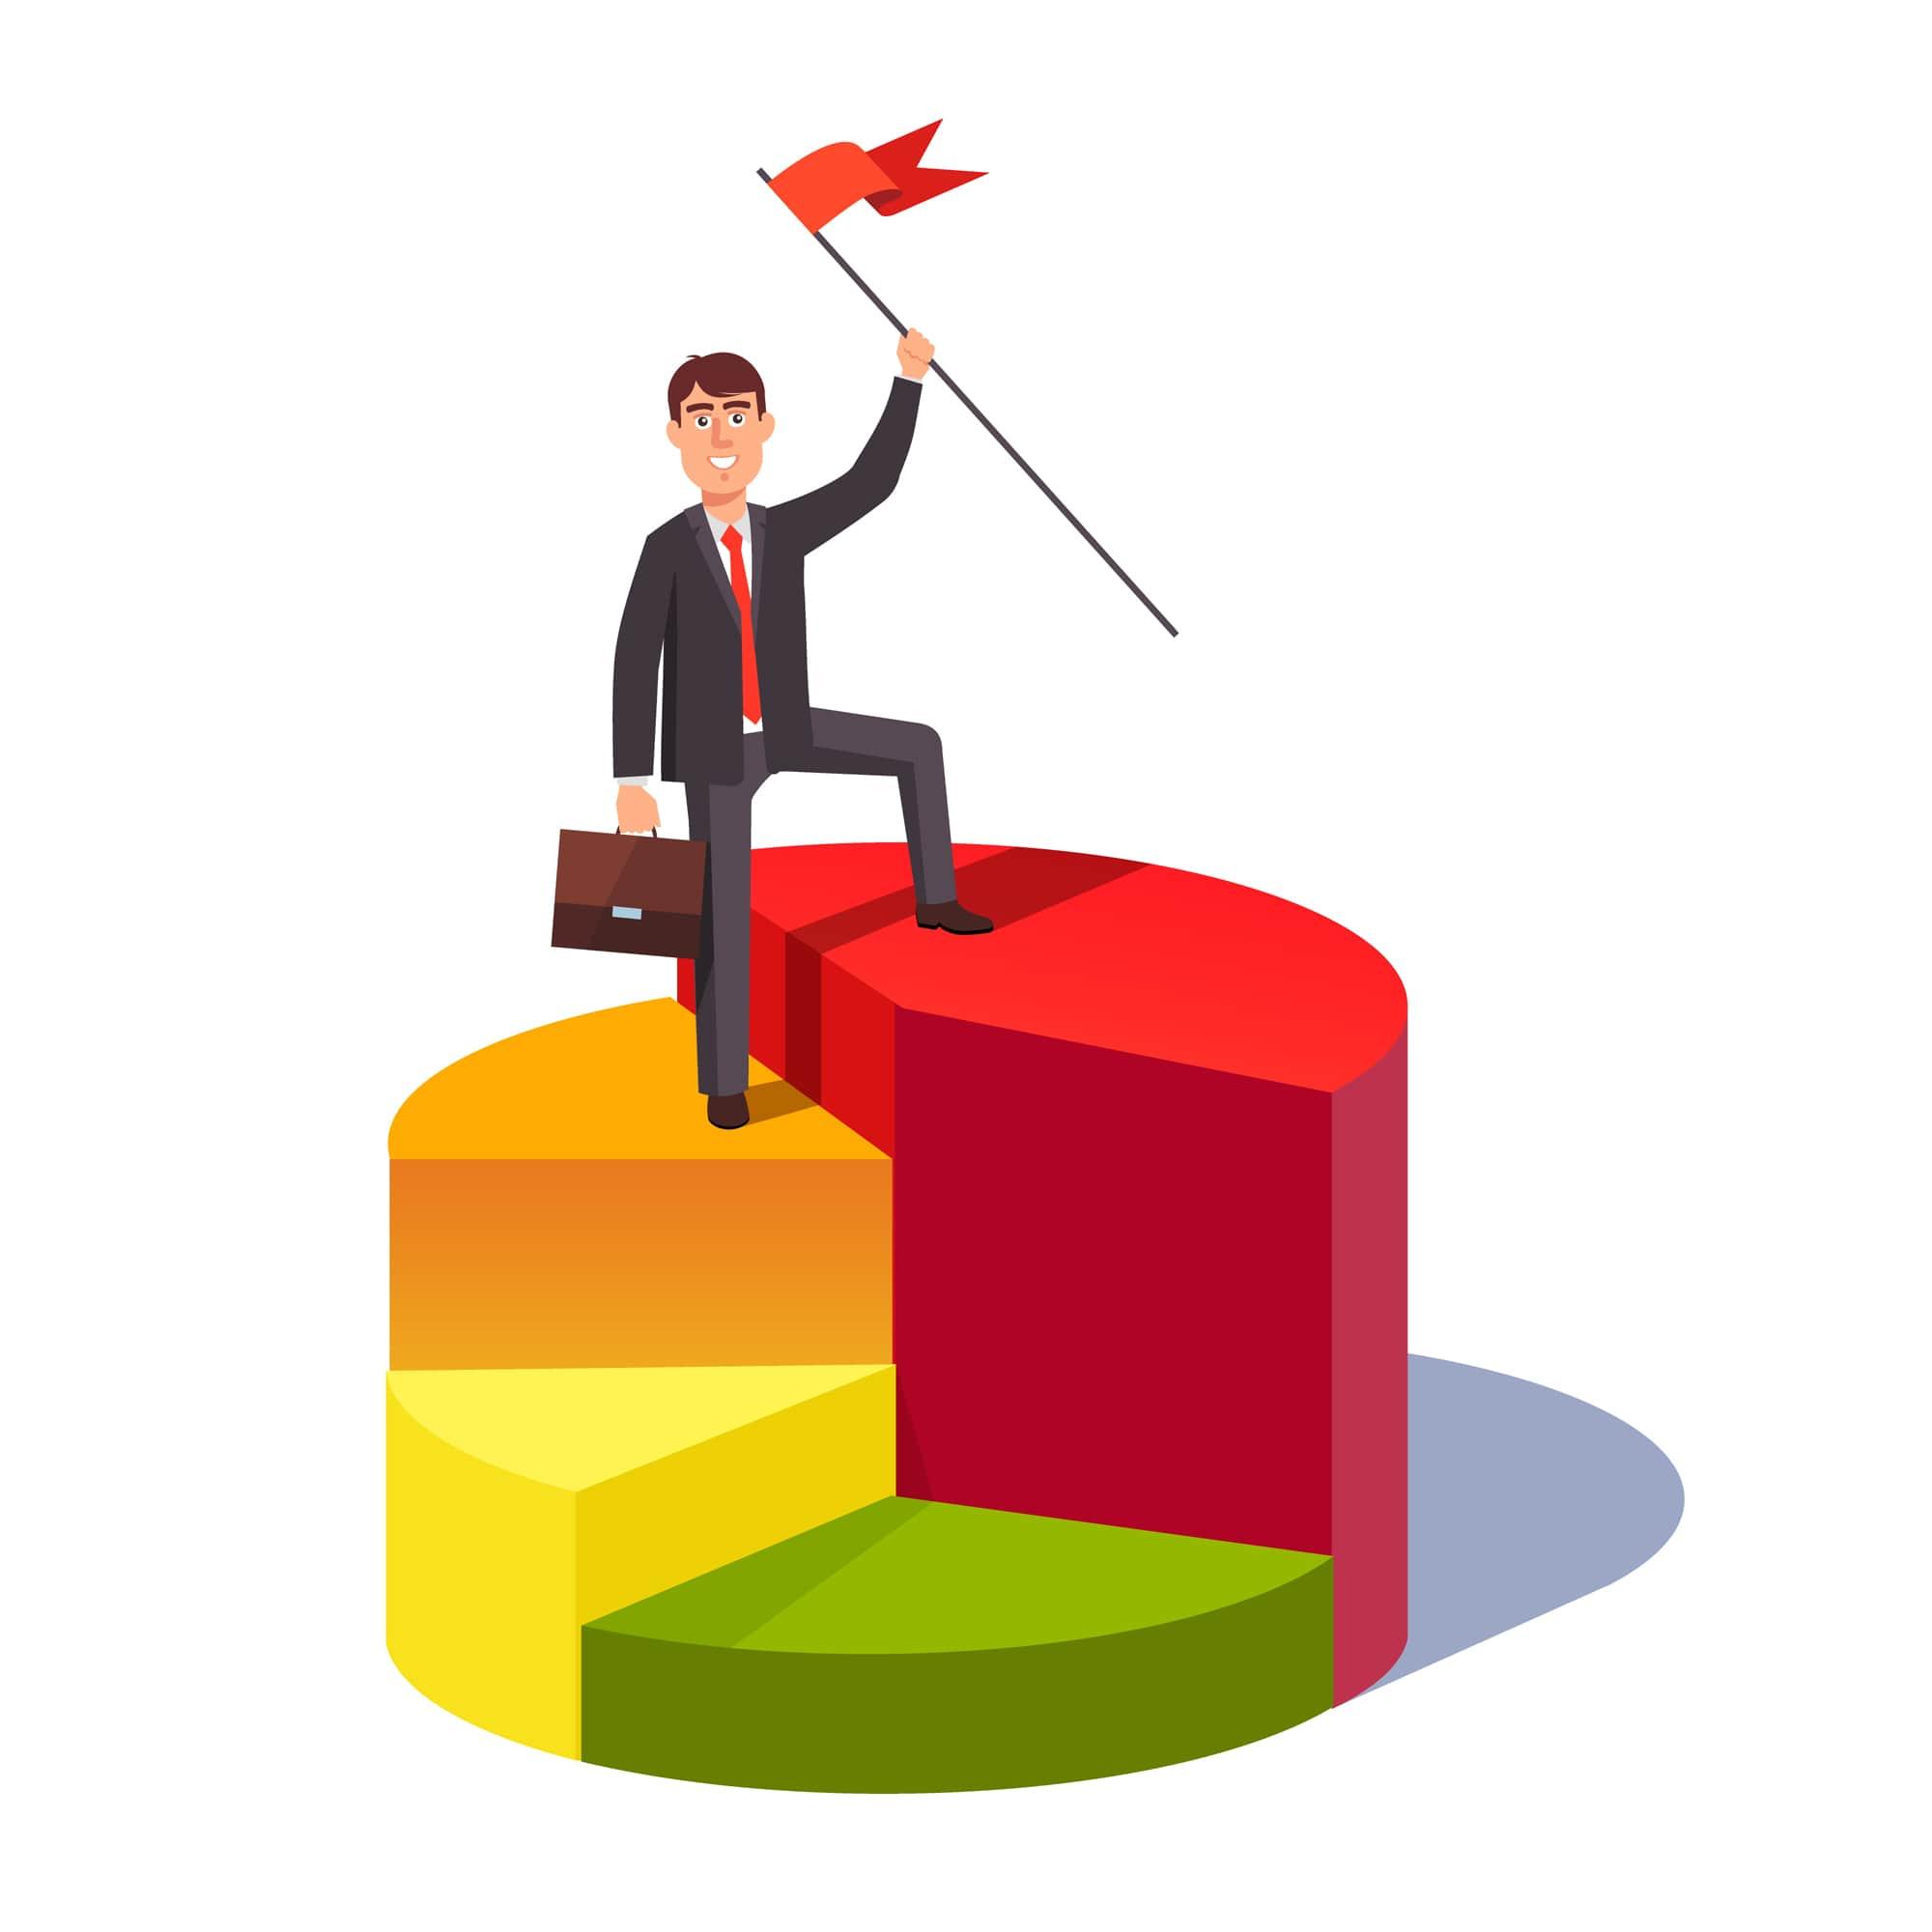 Entenda que é plano de carreira e veja como implementar na sua empresa